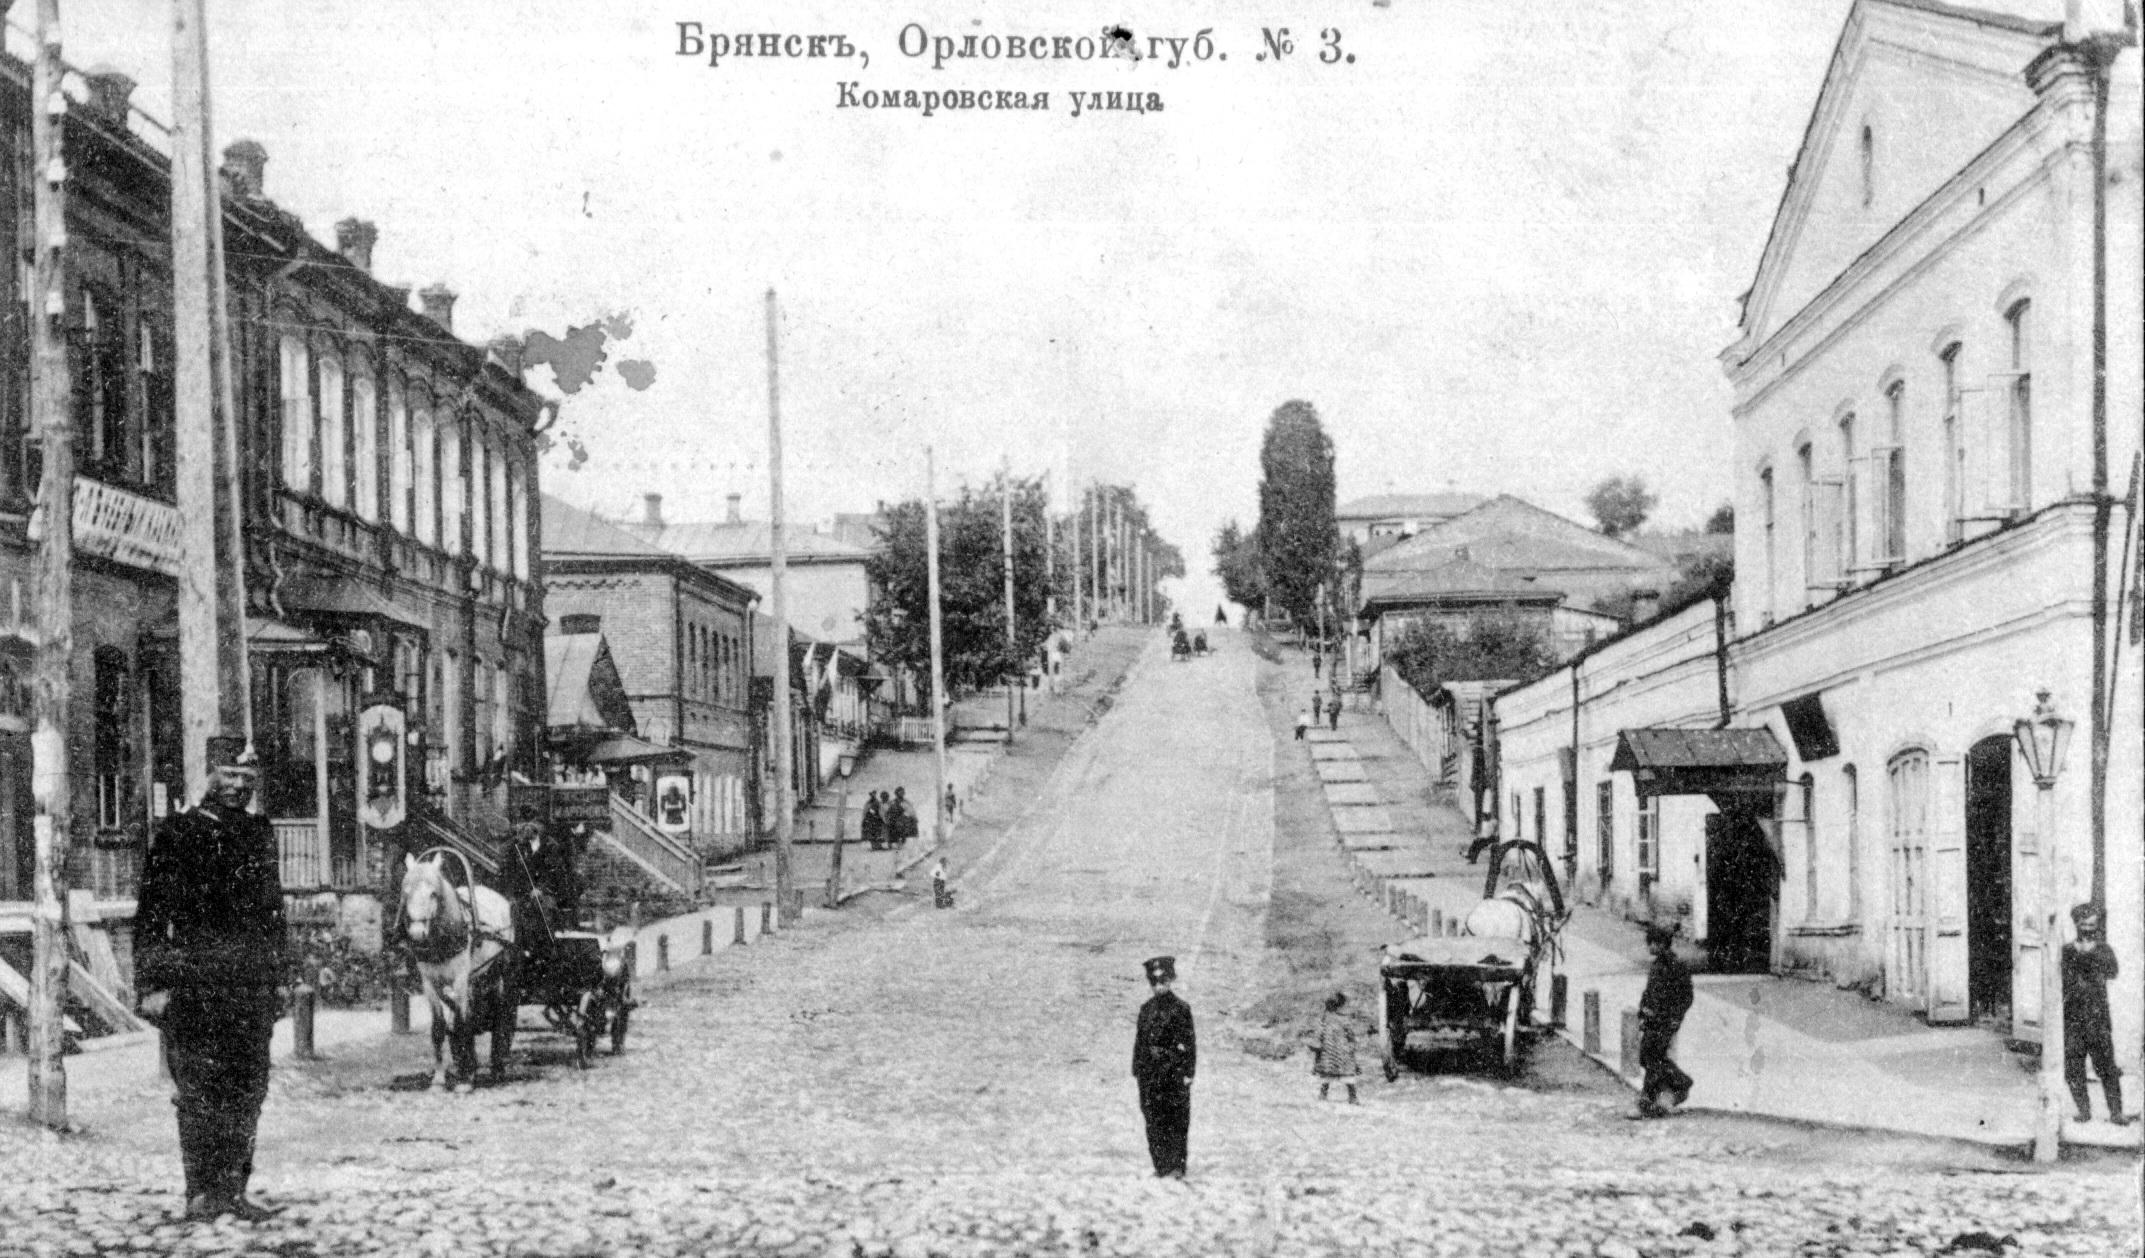 Комаровская улица